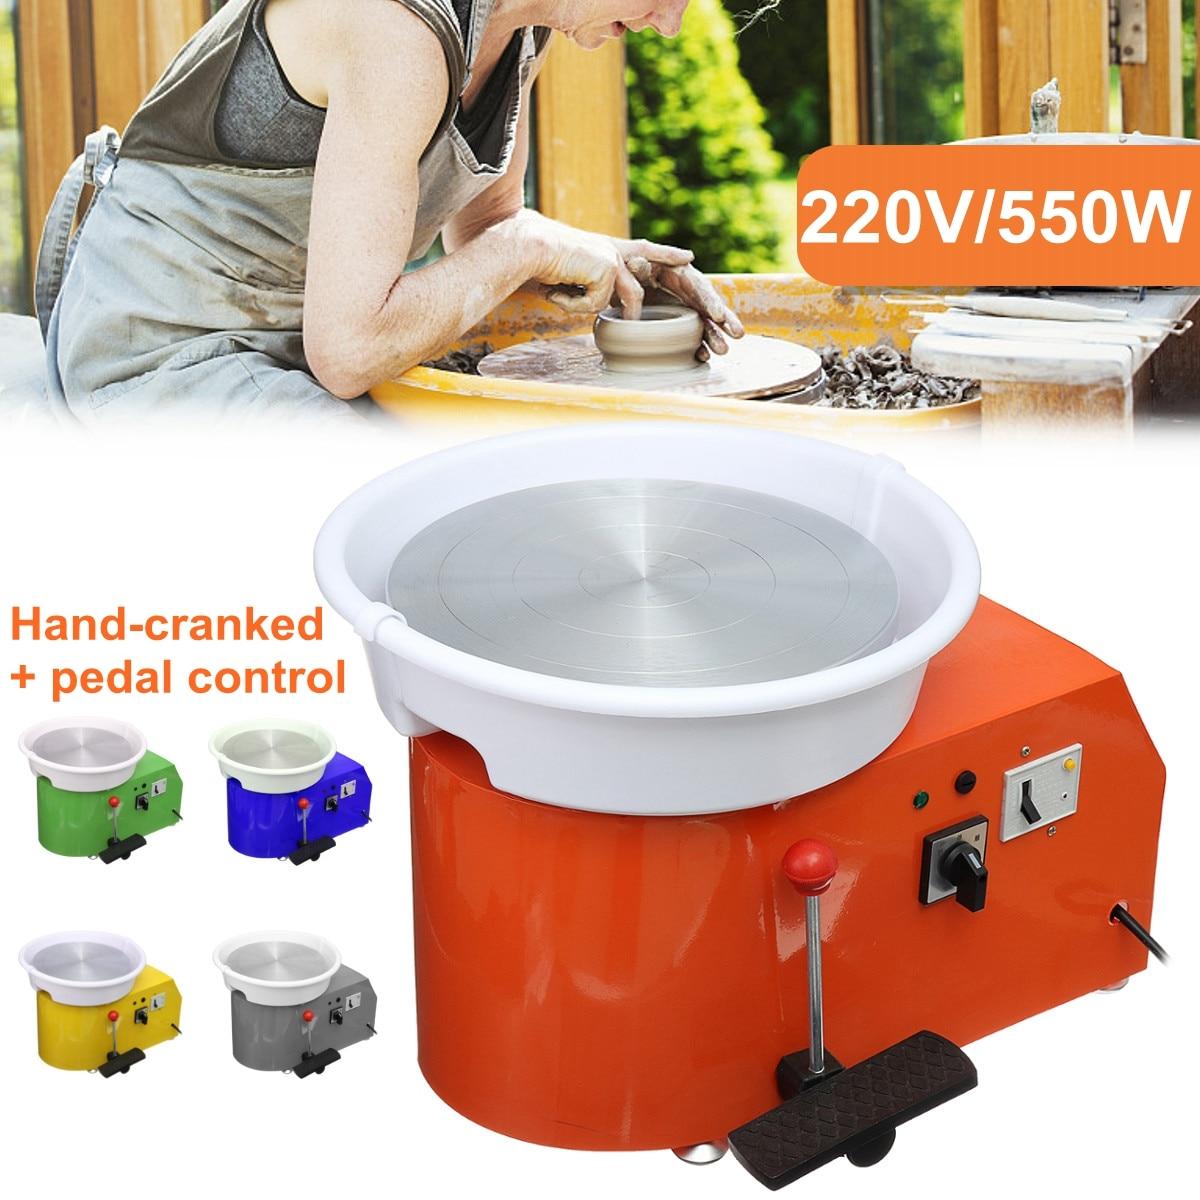 Jogo cerâmico do potter da argila da máquina cerâmica 220 v 550 w 300mm da roda elétrica de gerencio para a cerâmica do trabalho